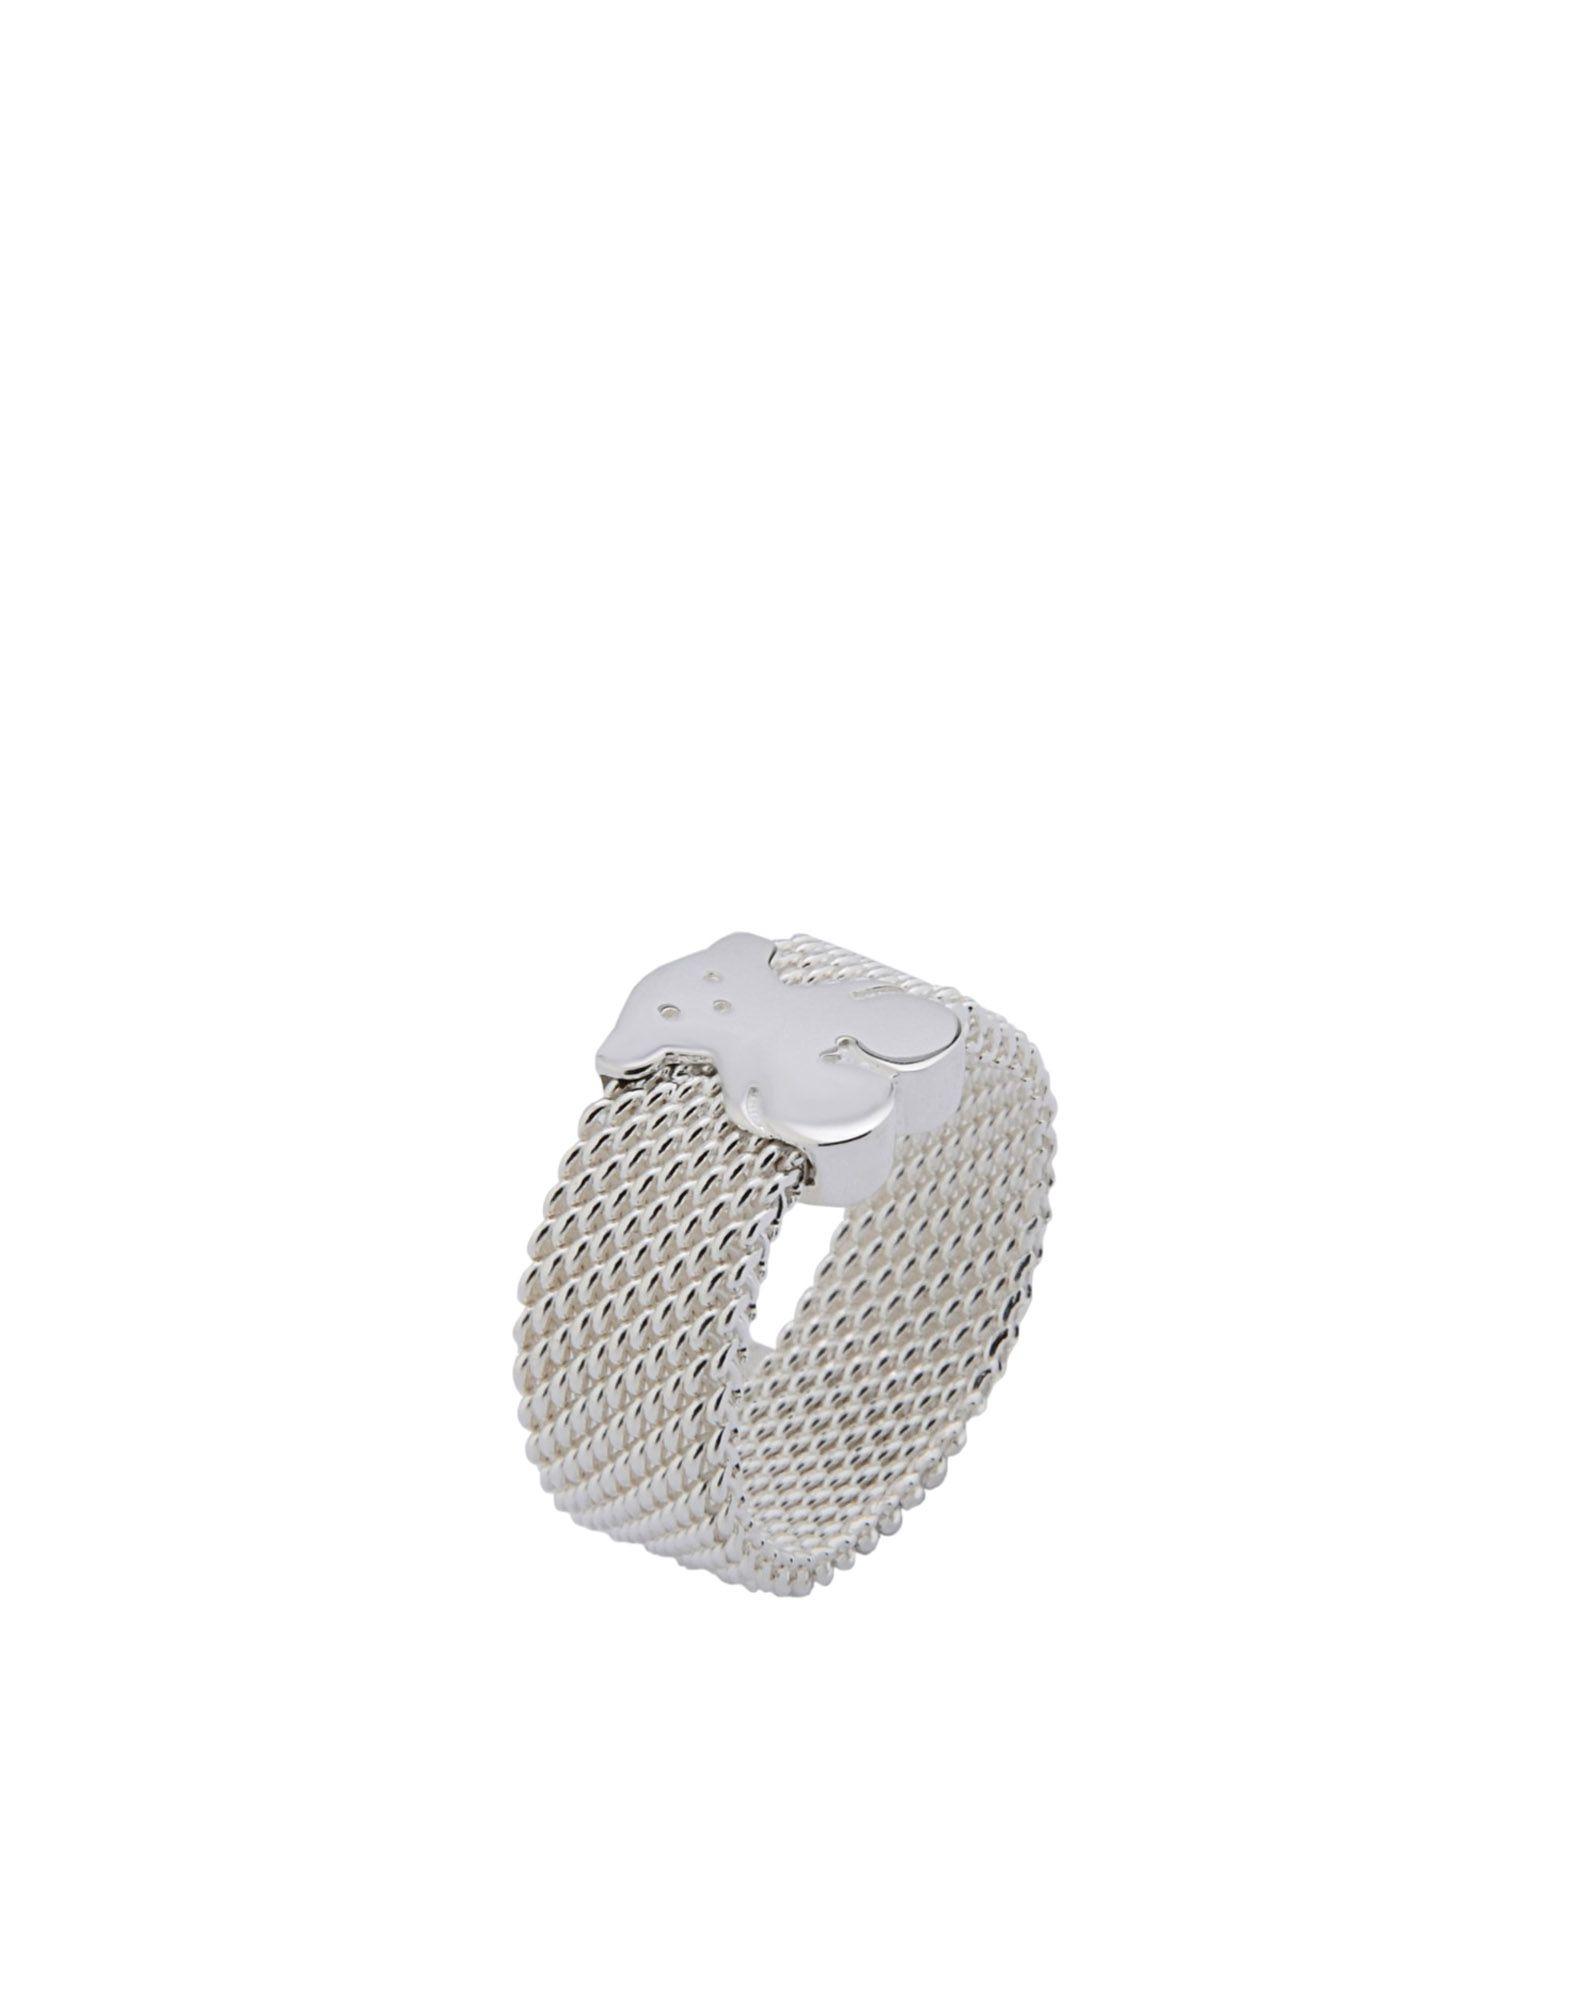 《送料無料》TOUS レディース 指輪 シルバー 14 シルバー925/1000